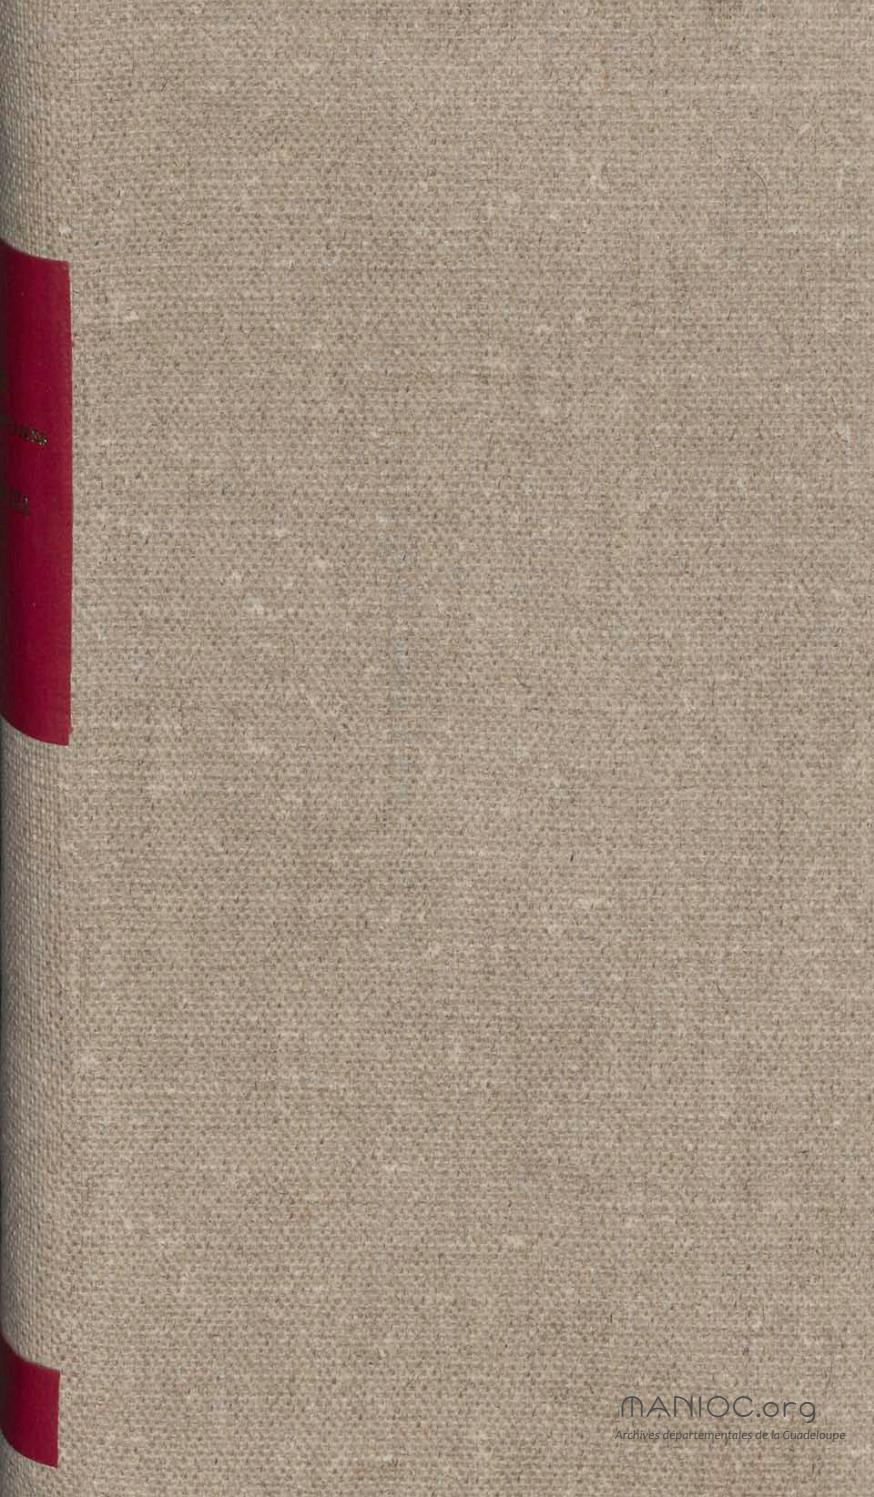 Mémoires politiques et militaires du Général Tercier by Bibliothèque  numérique Manioc   SCD Université Antilles - issuu 848d8650003